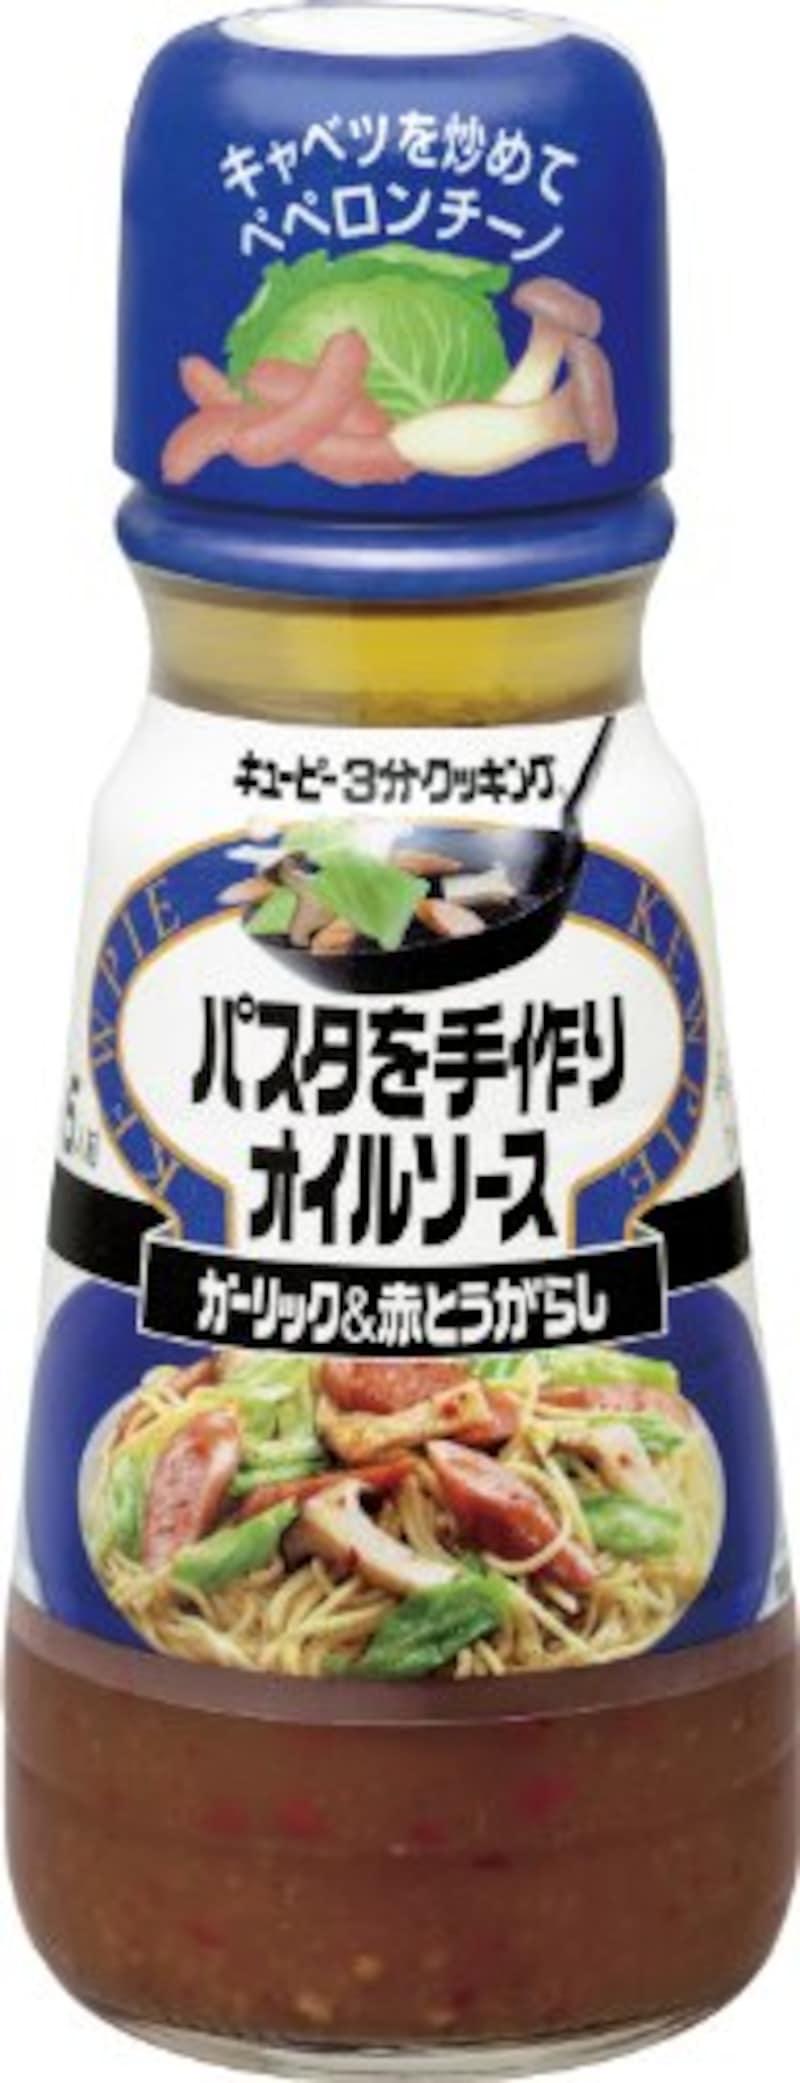 キユーピー ,パスタを手作りオイルソース ガーリック&唐辛子